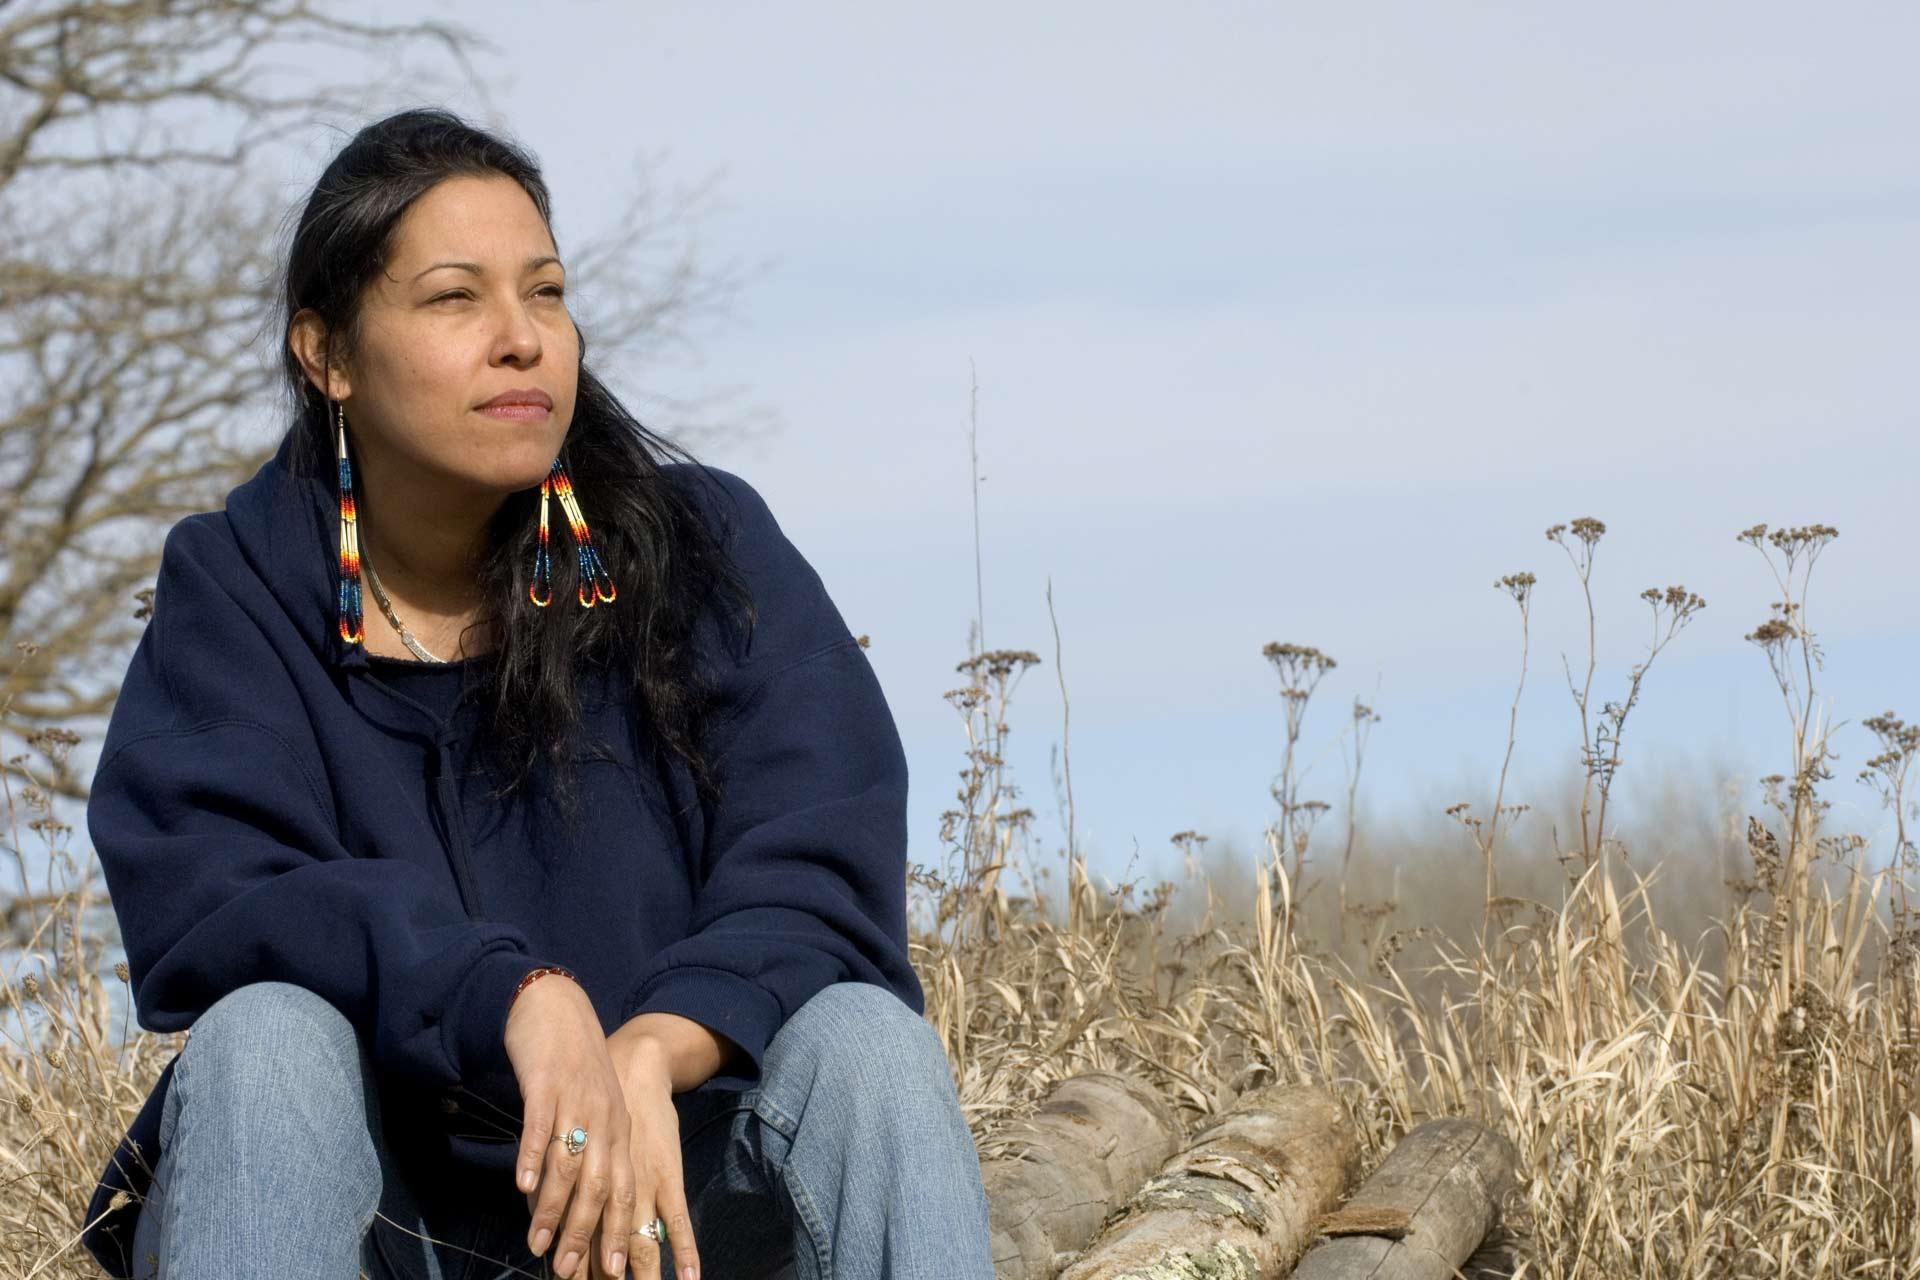 Native woman in a prairie setting